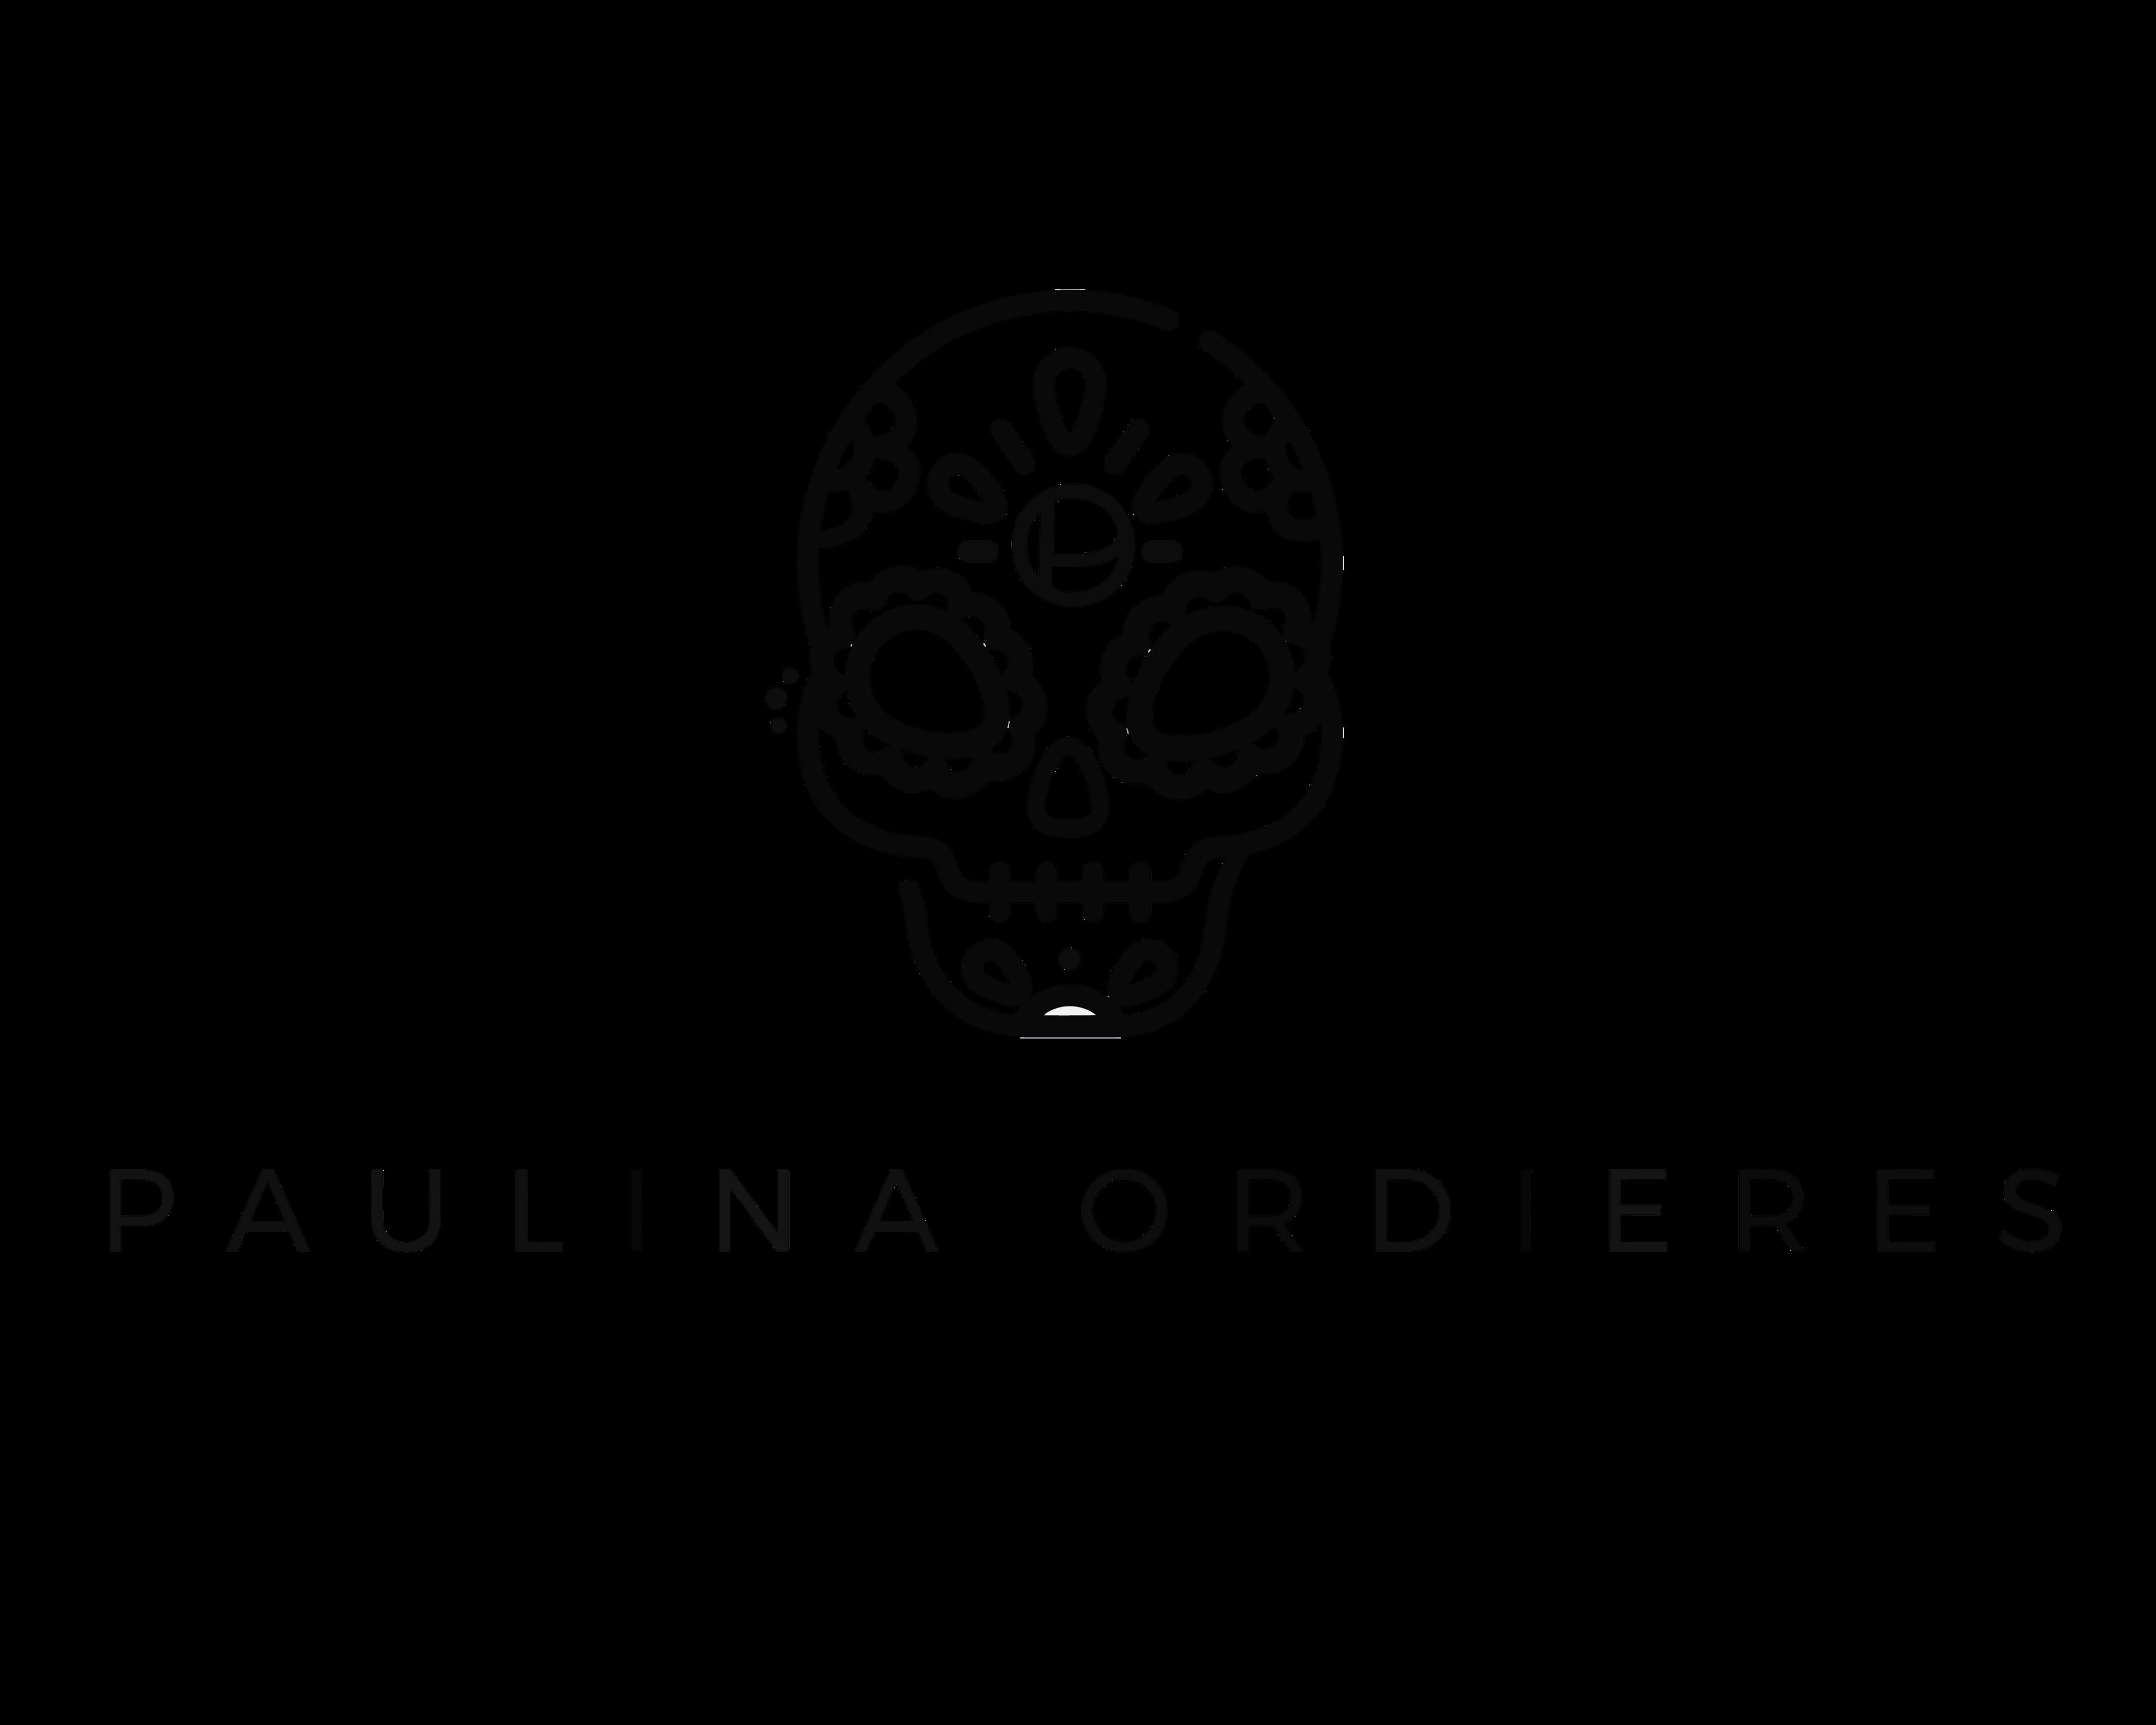 Paulina Ordieres Vega